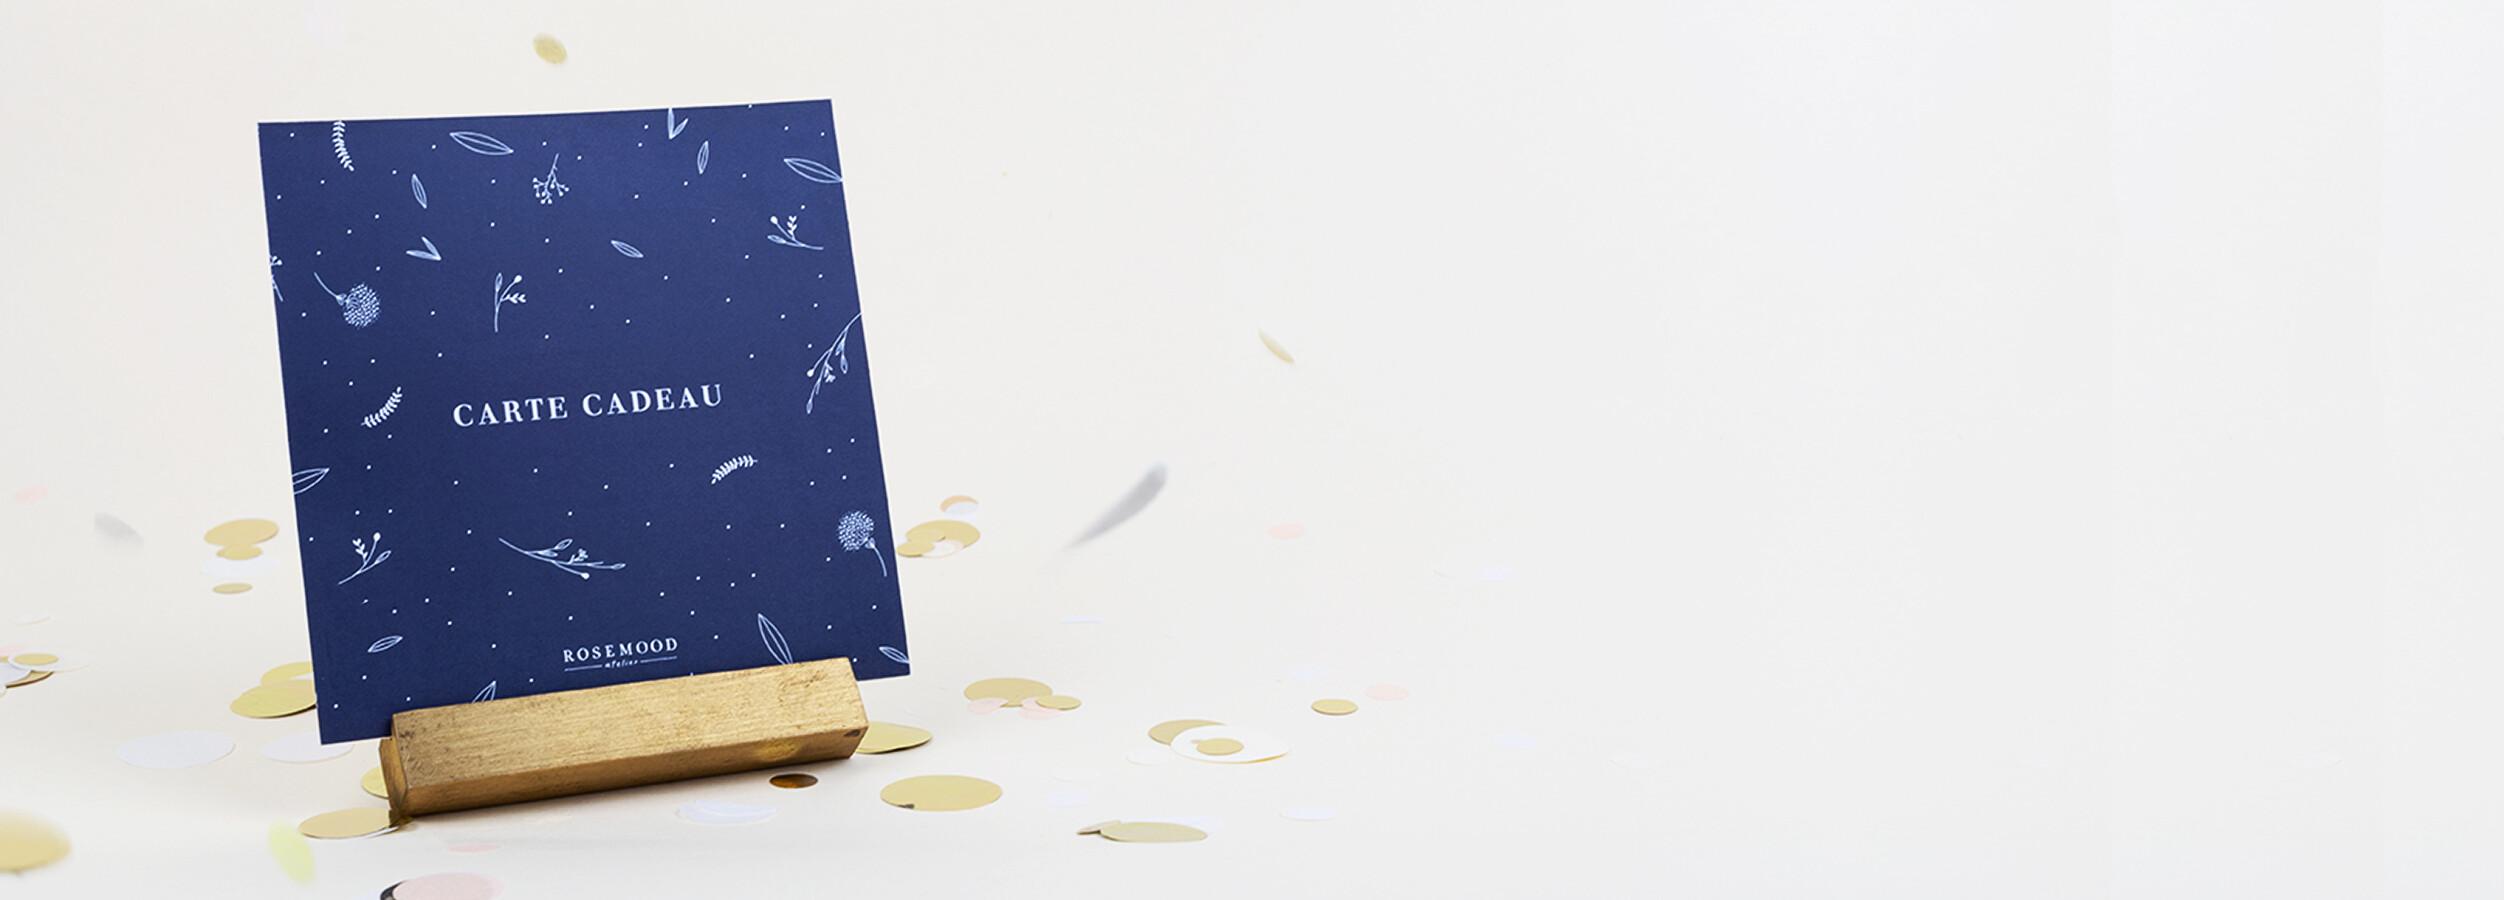 Carte cadeau Rosemood